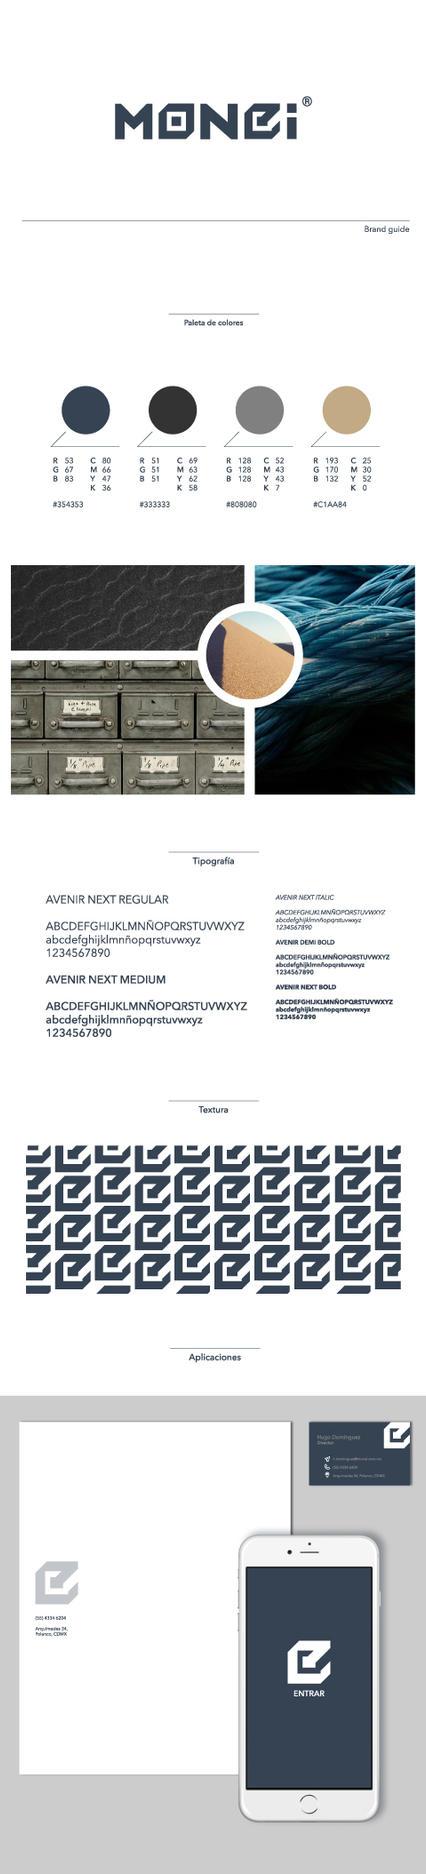 Monei Brand Guide by byDaliaPamela